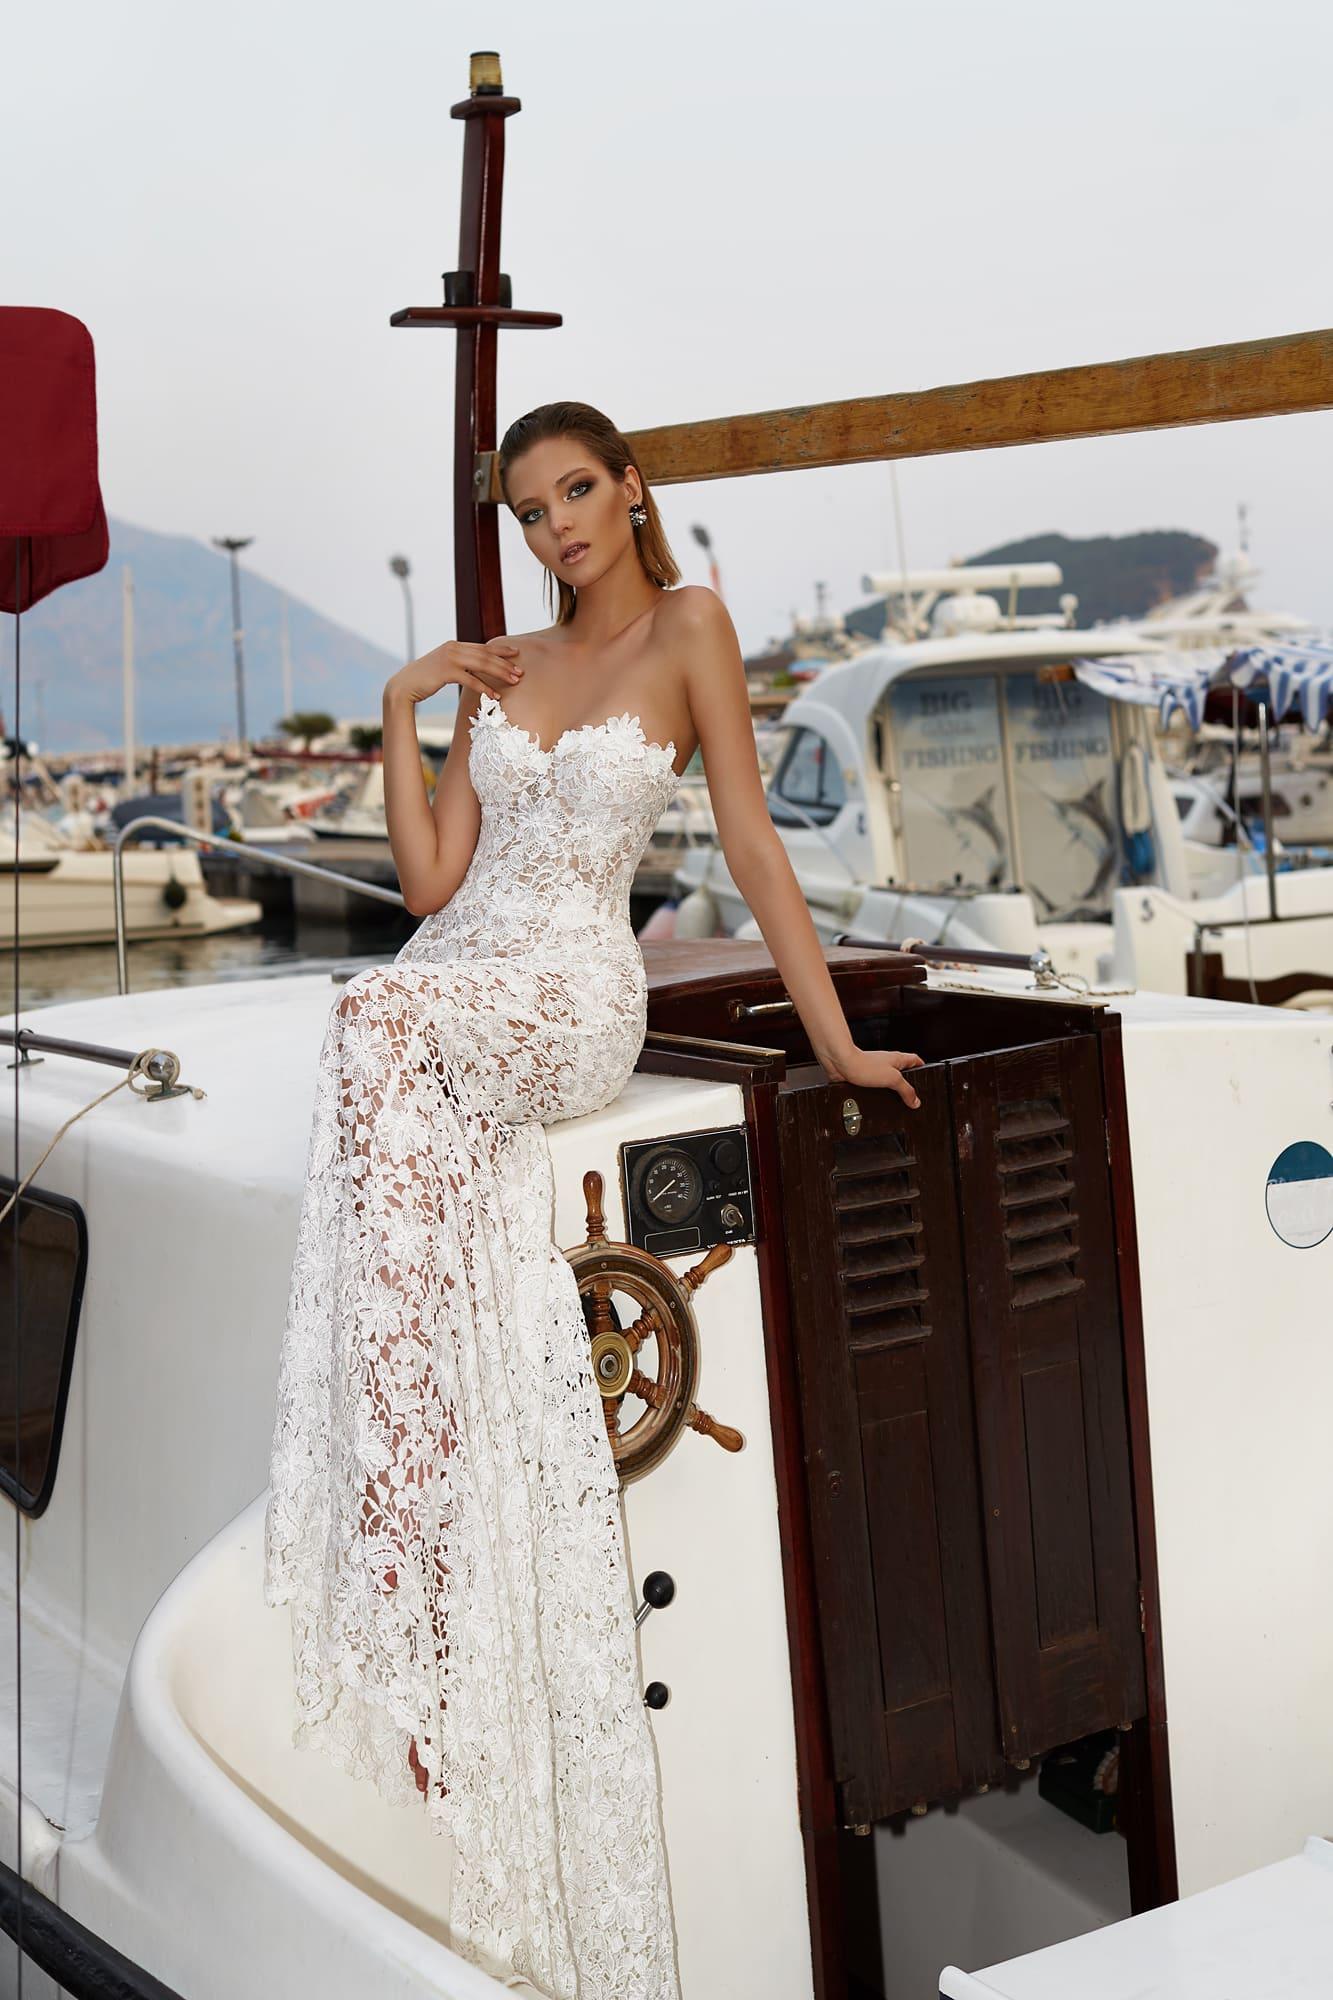 Кружевное свадебное платье прямого кроя с соблазнительным фигурным открытым лифом.